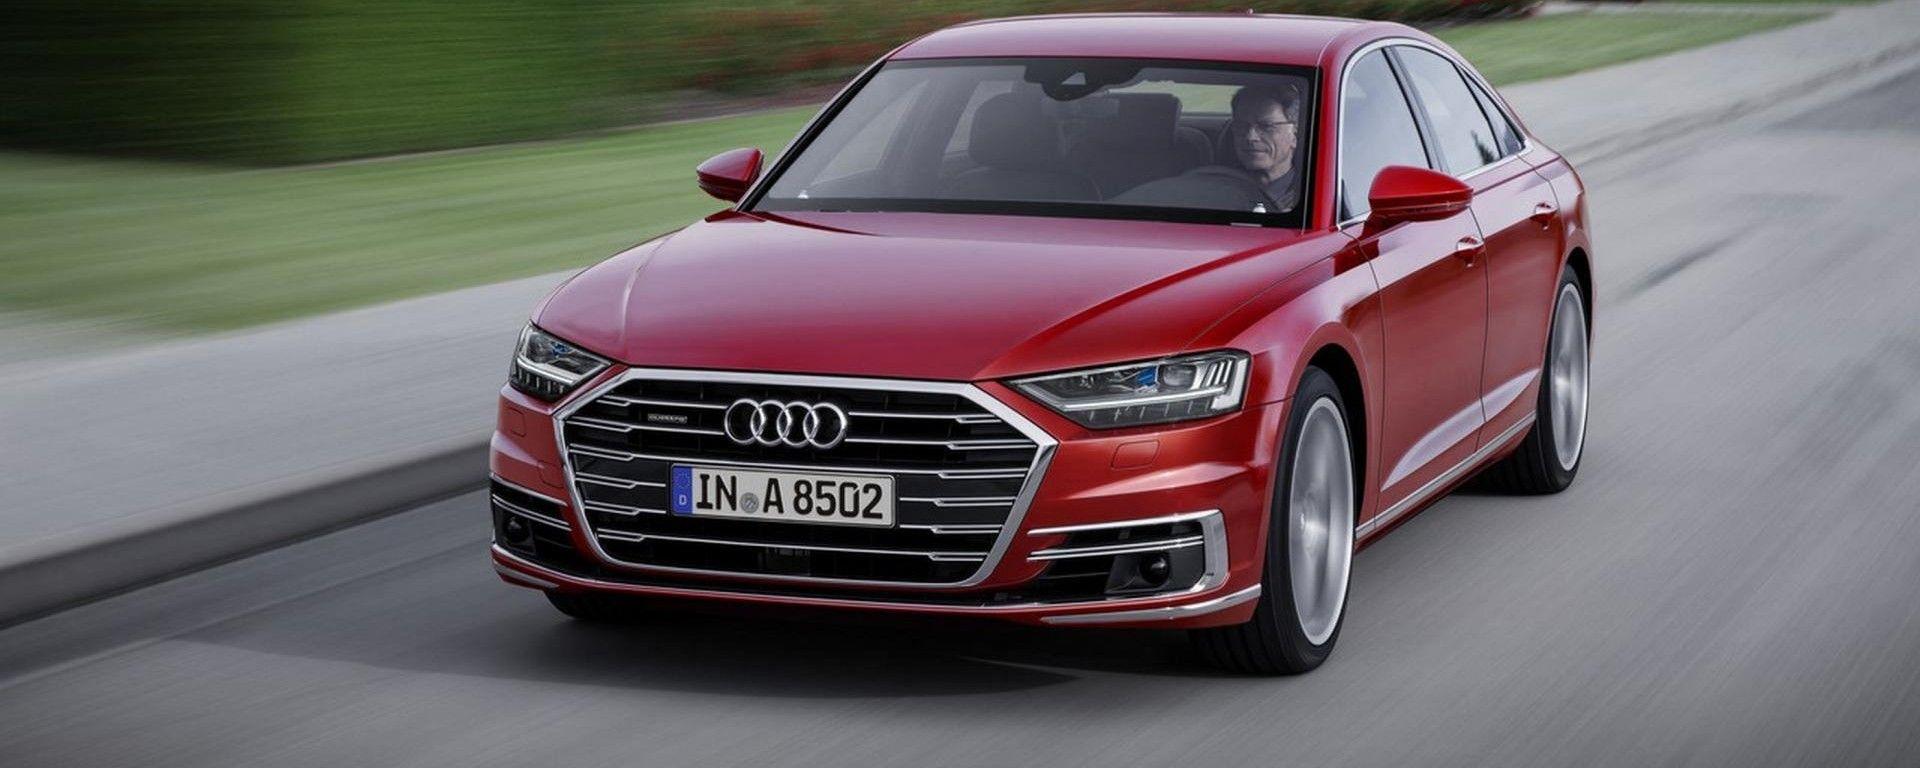 Audi A8, prima auto di serie a guida autonoma di livello 3